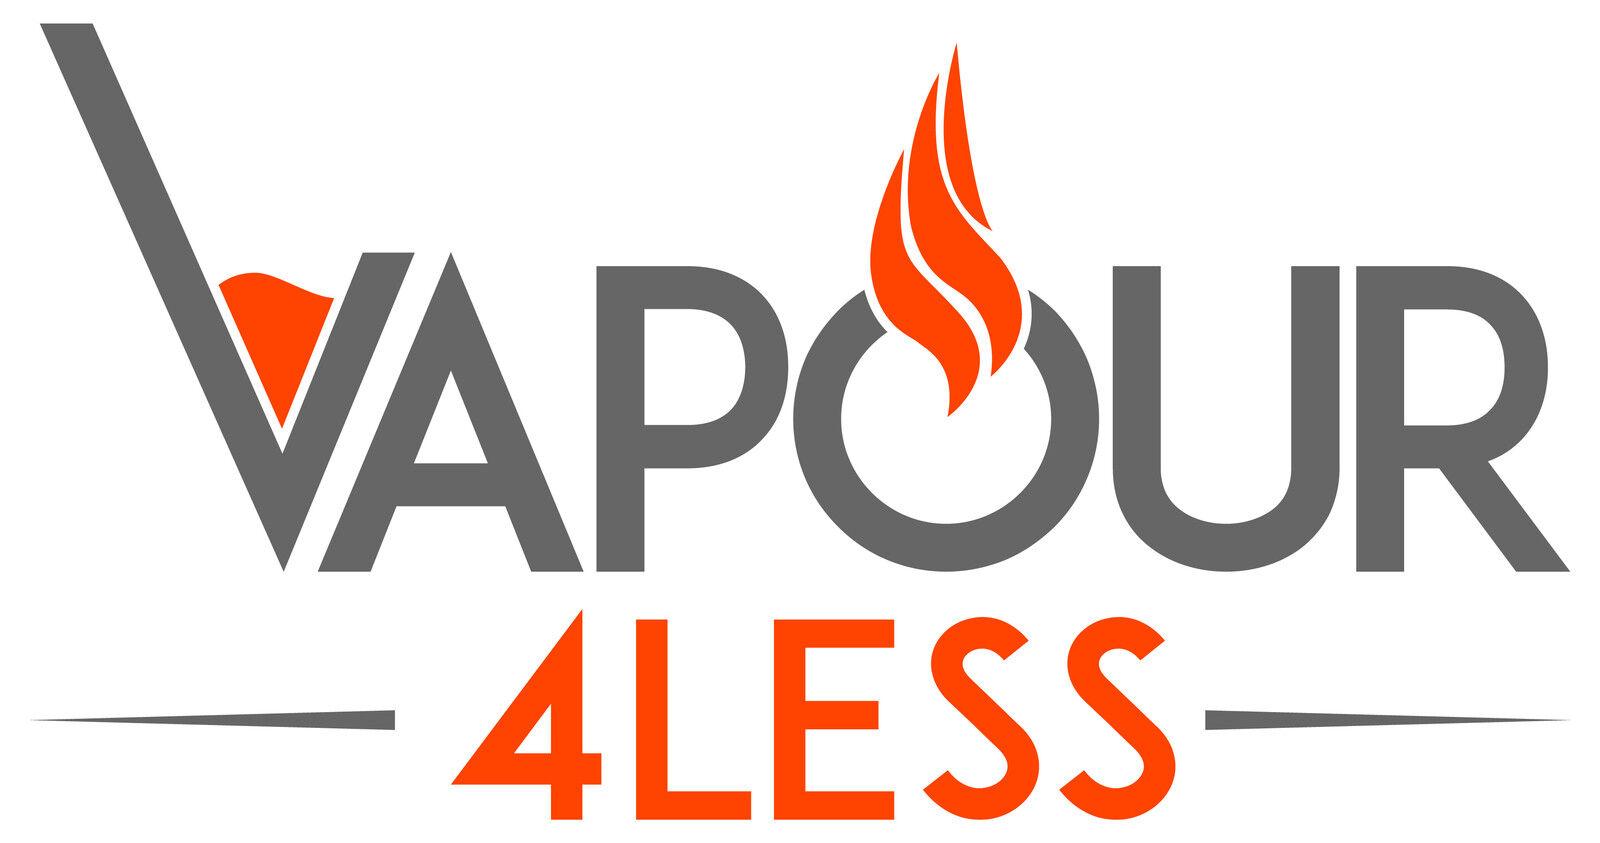 Vapour4Less